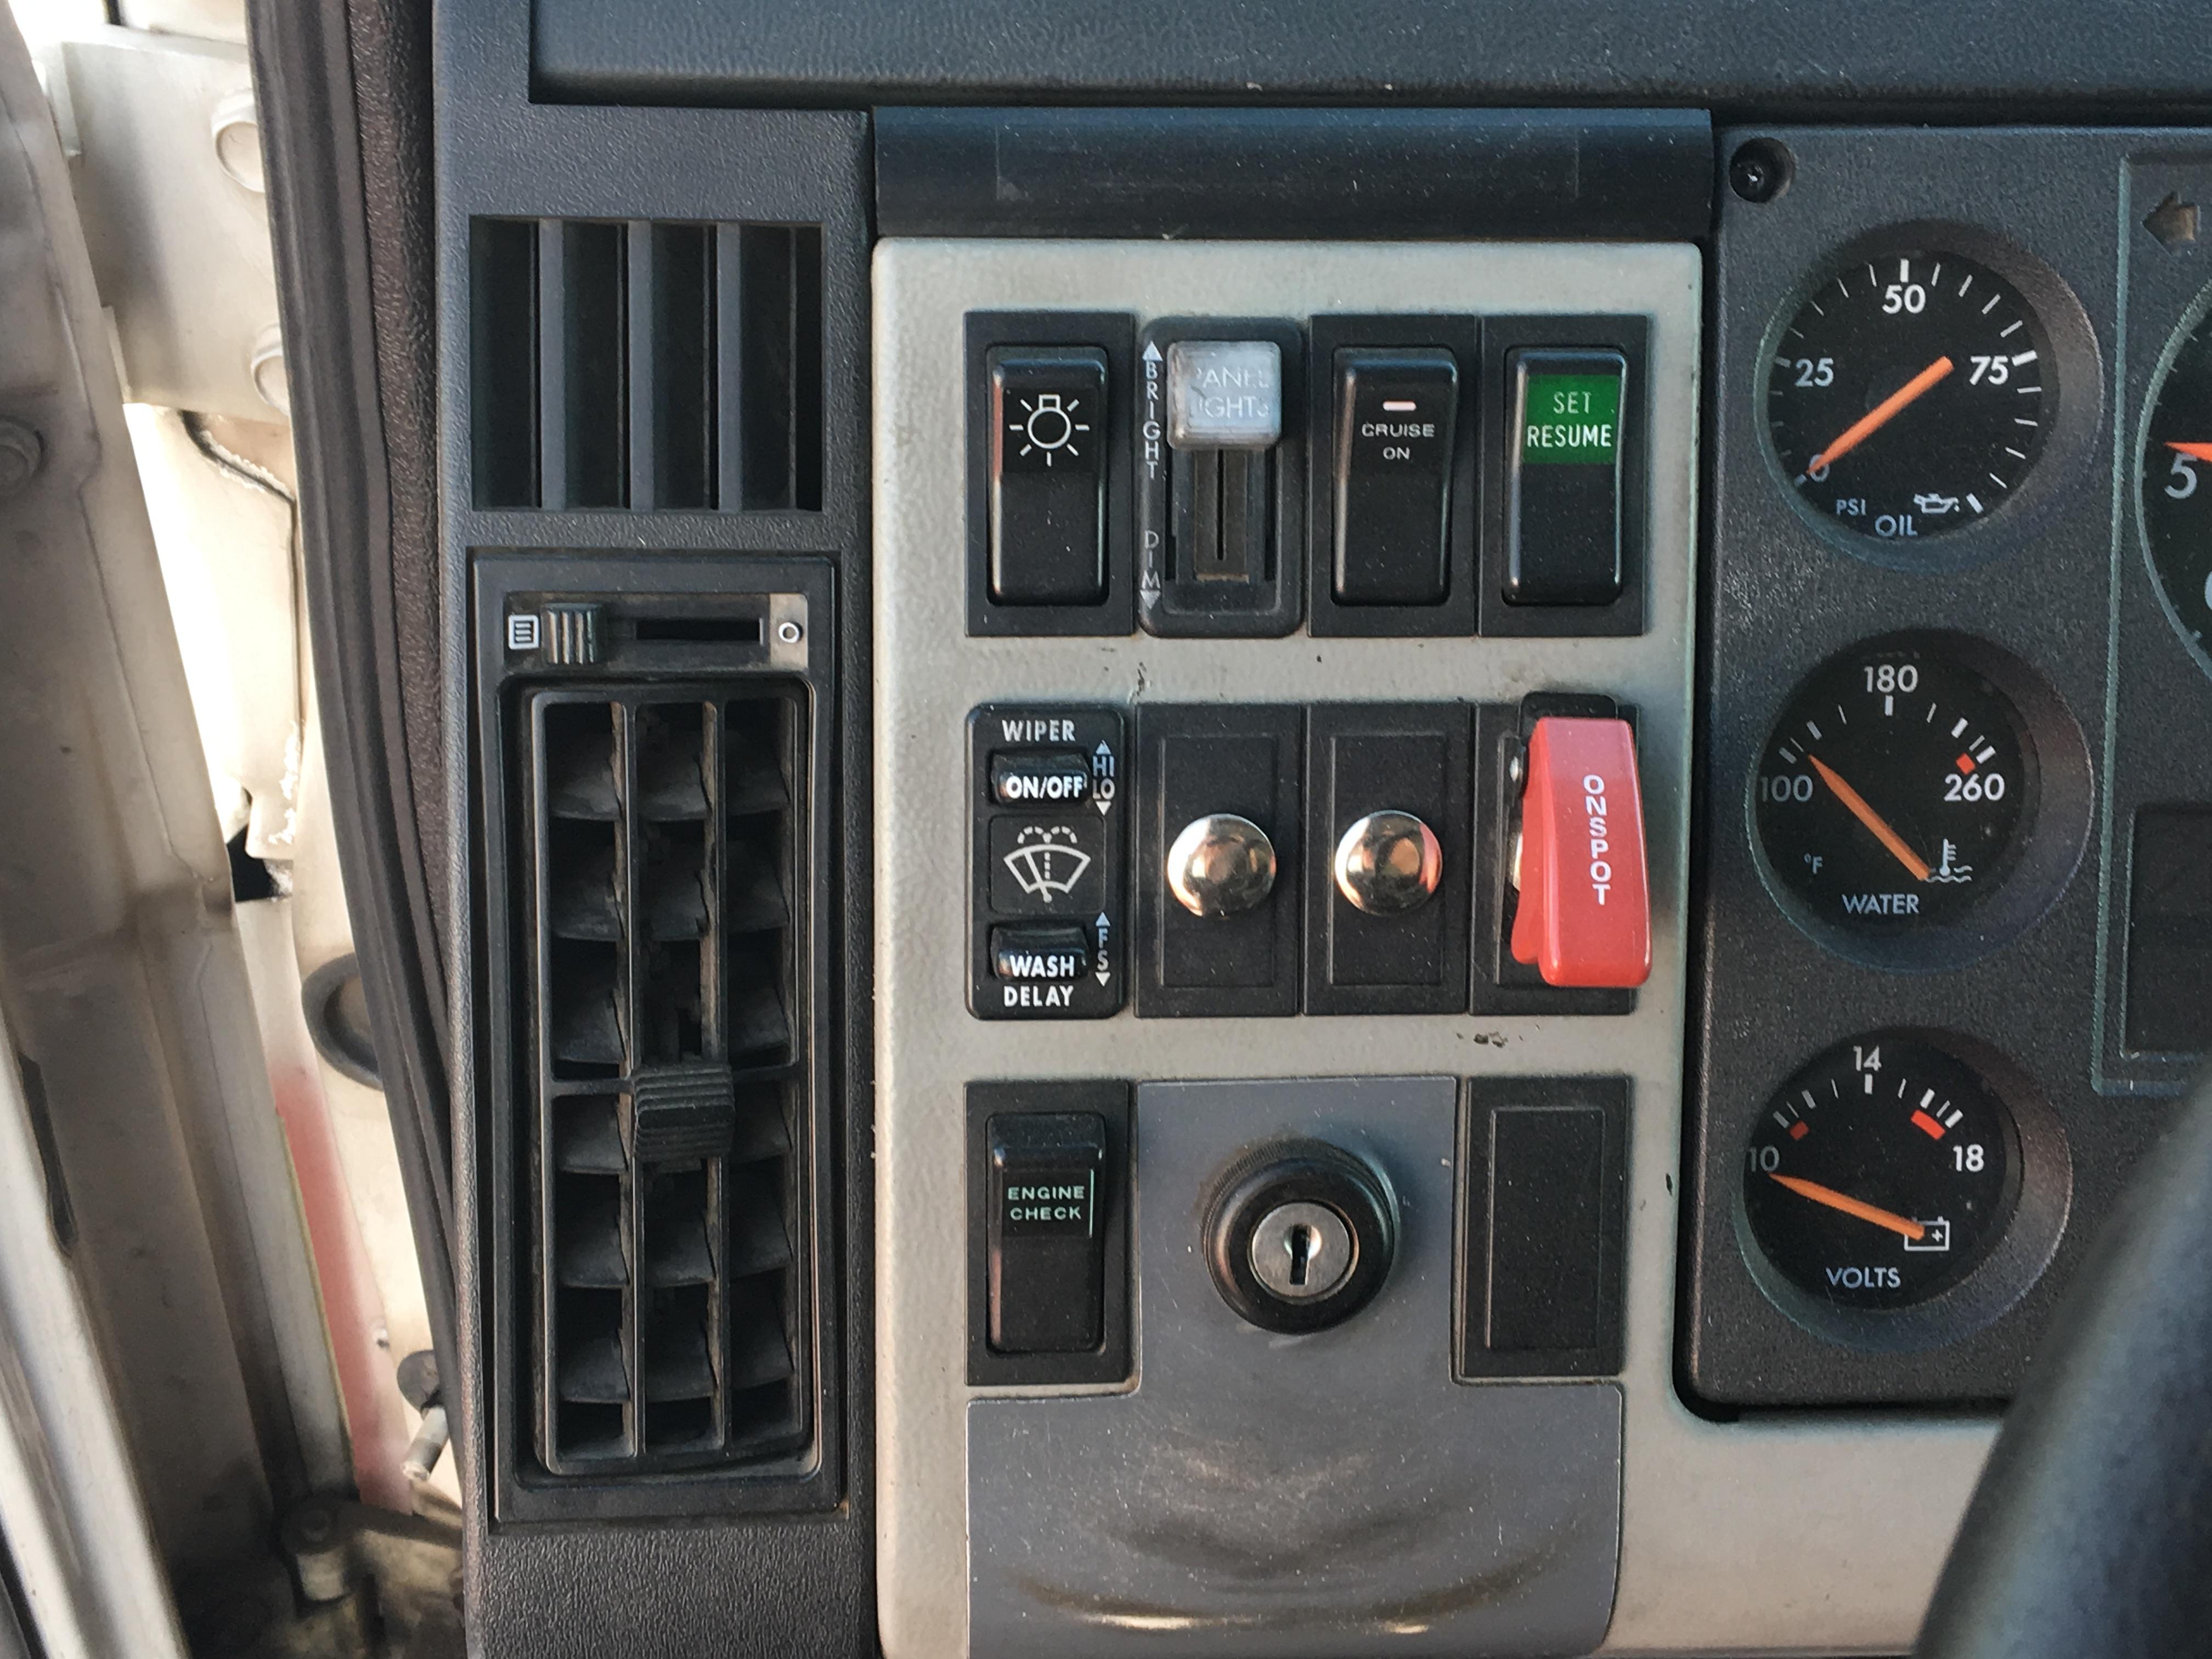 1999 AEV Freightliner Ambulance | Used Truck Details